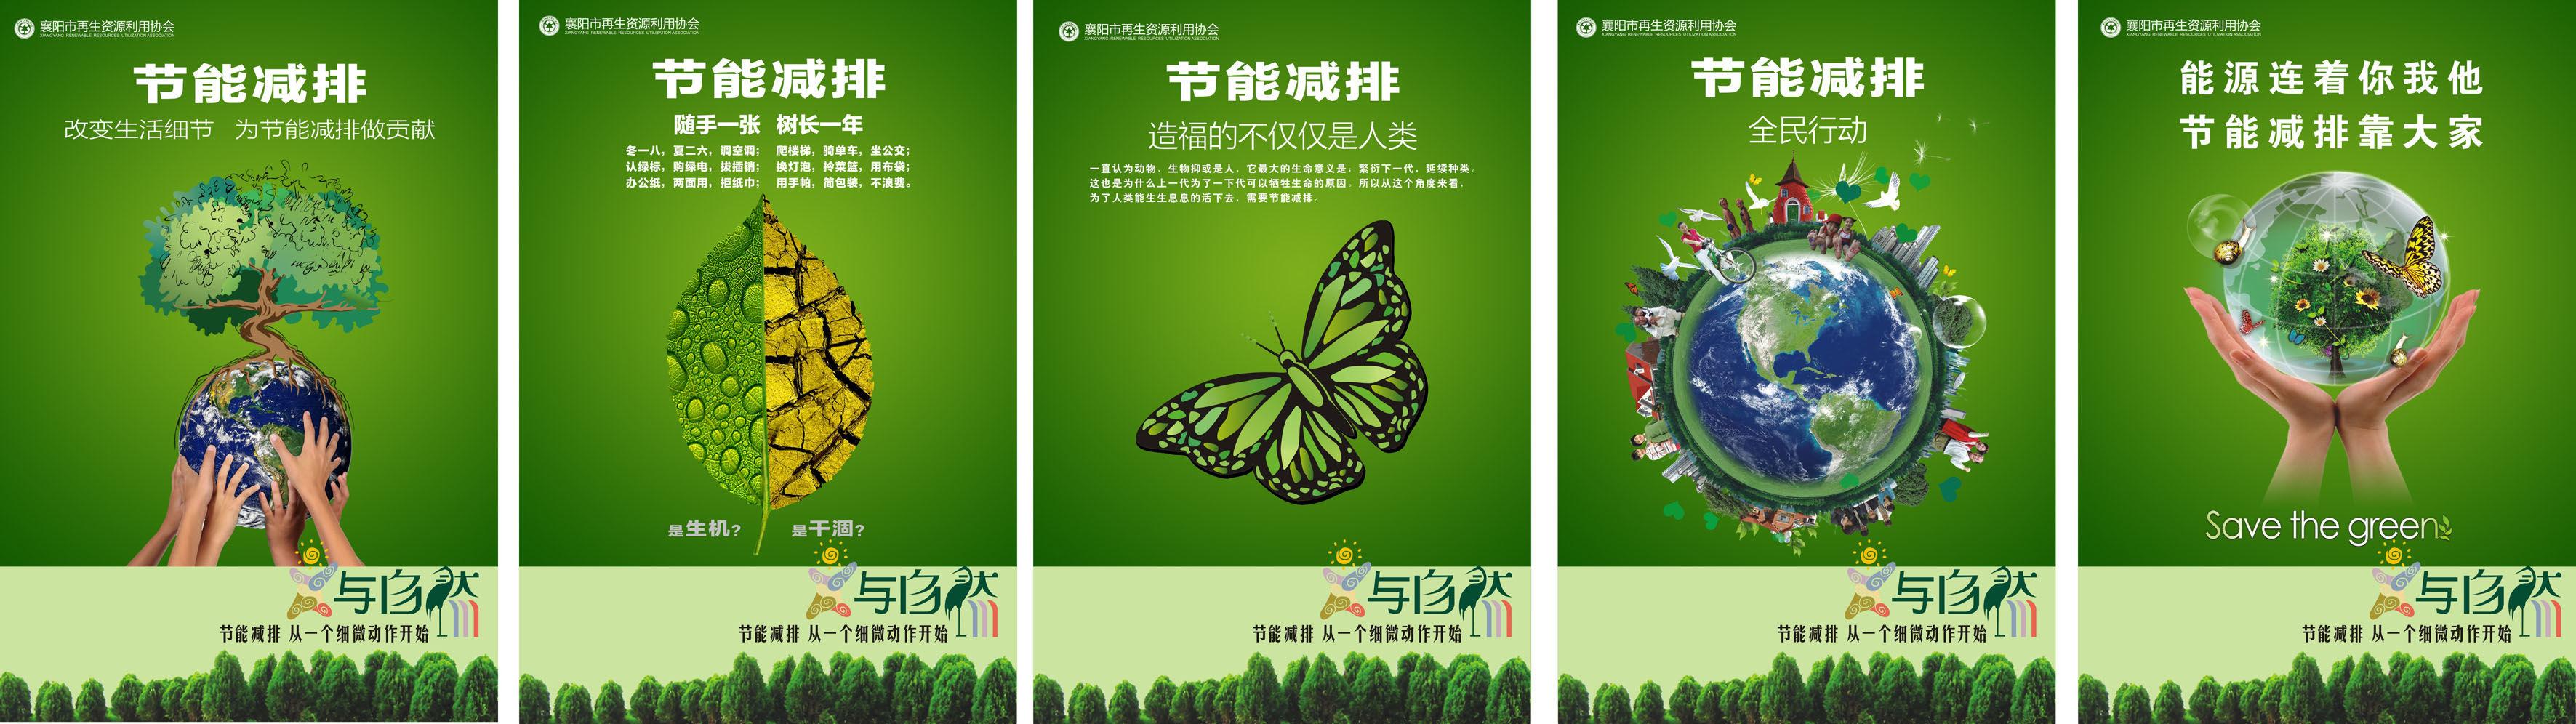 环保宣传画案例图片